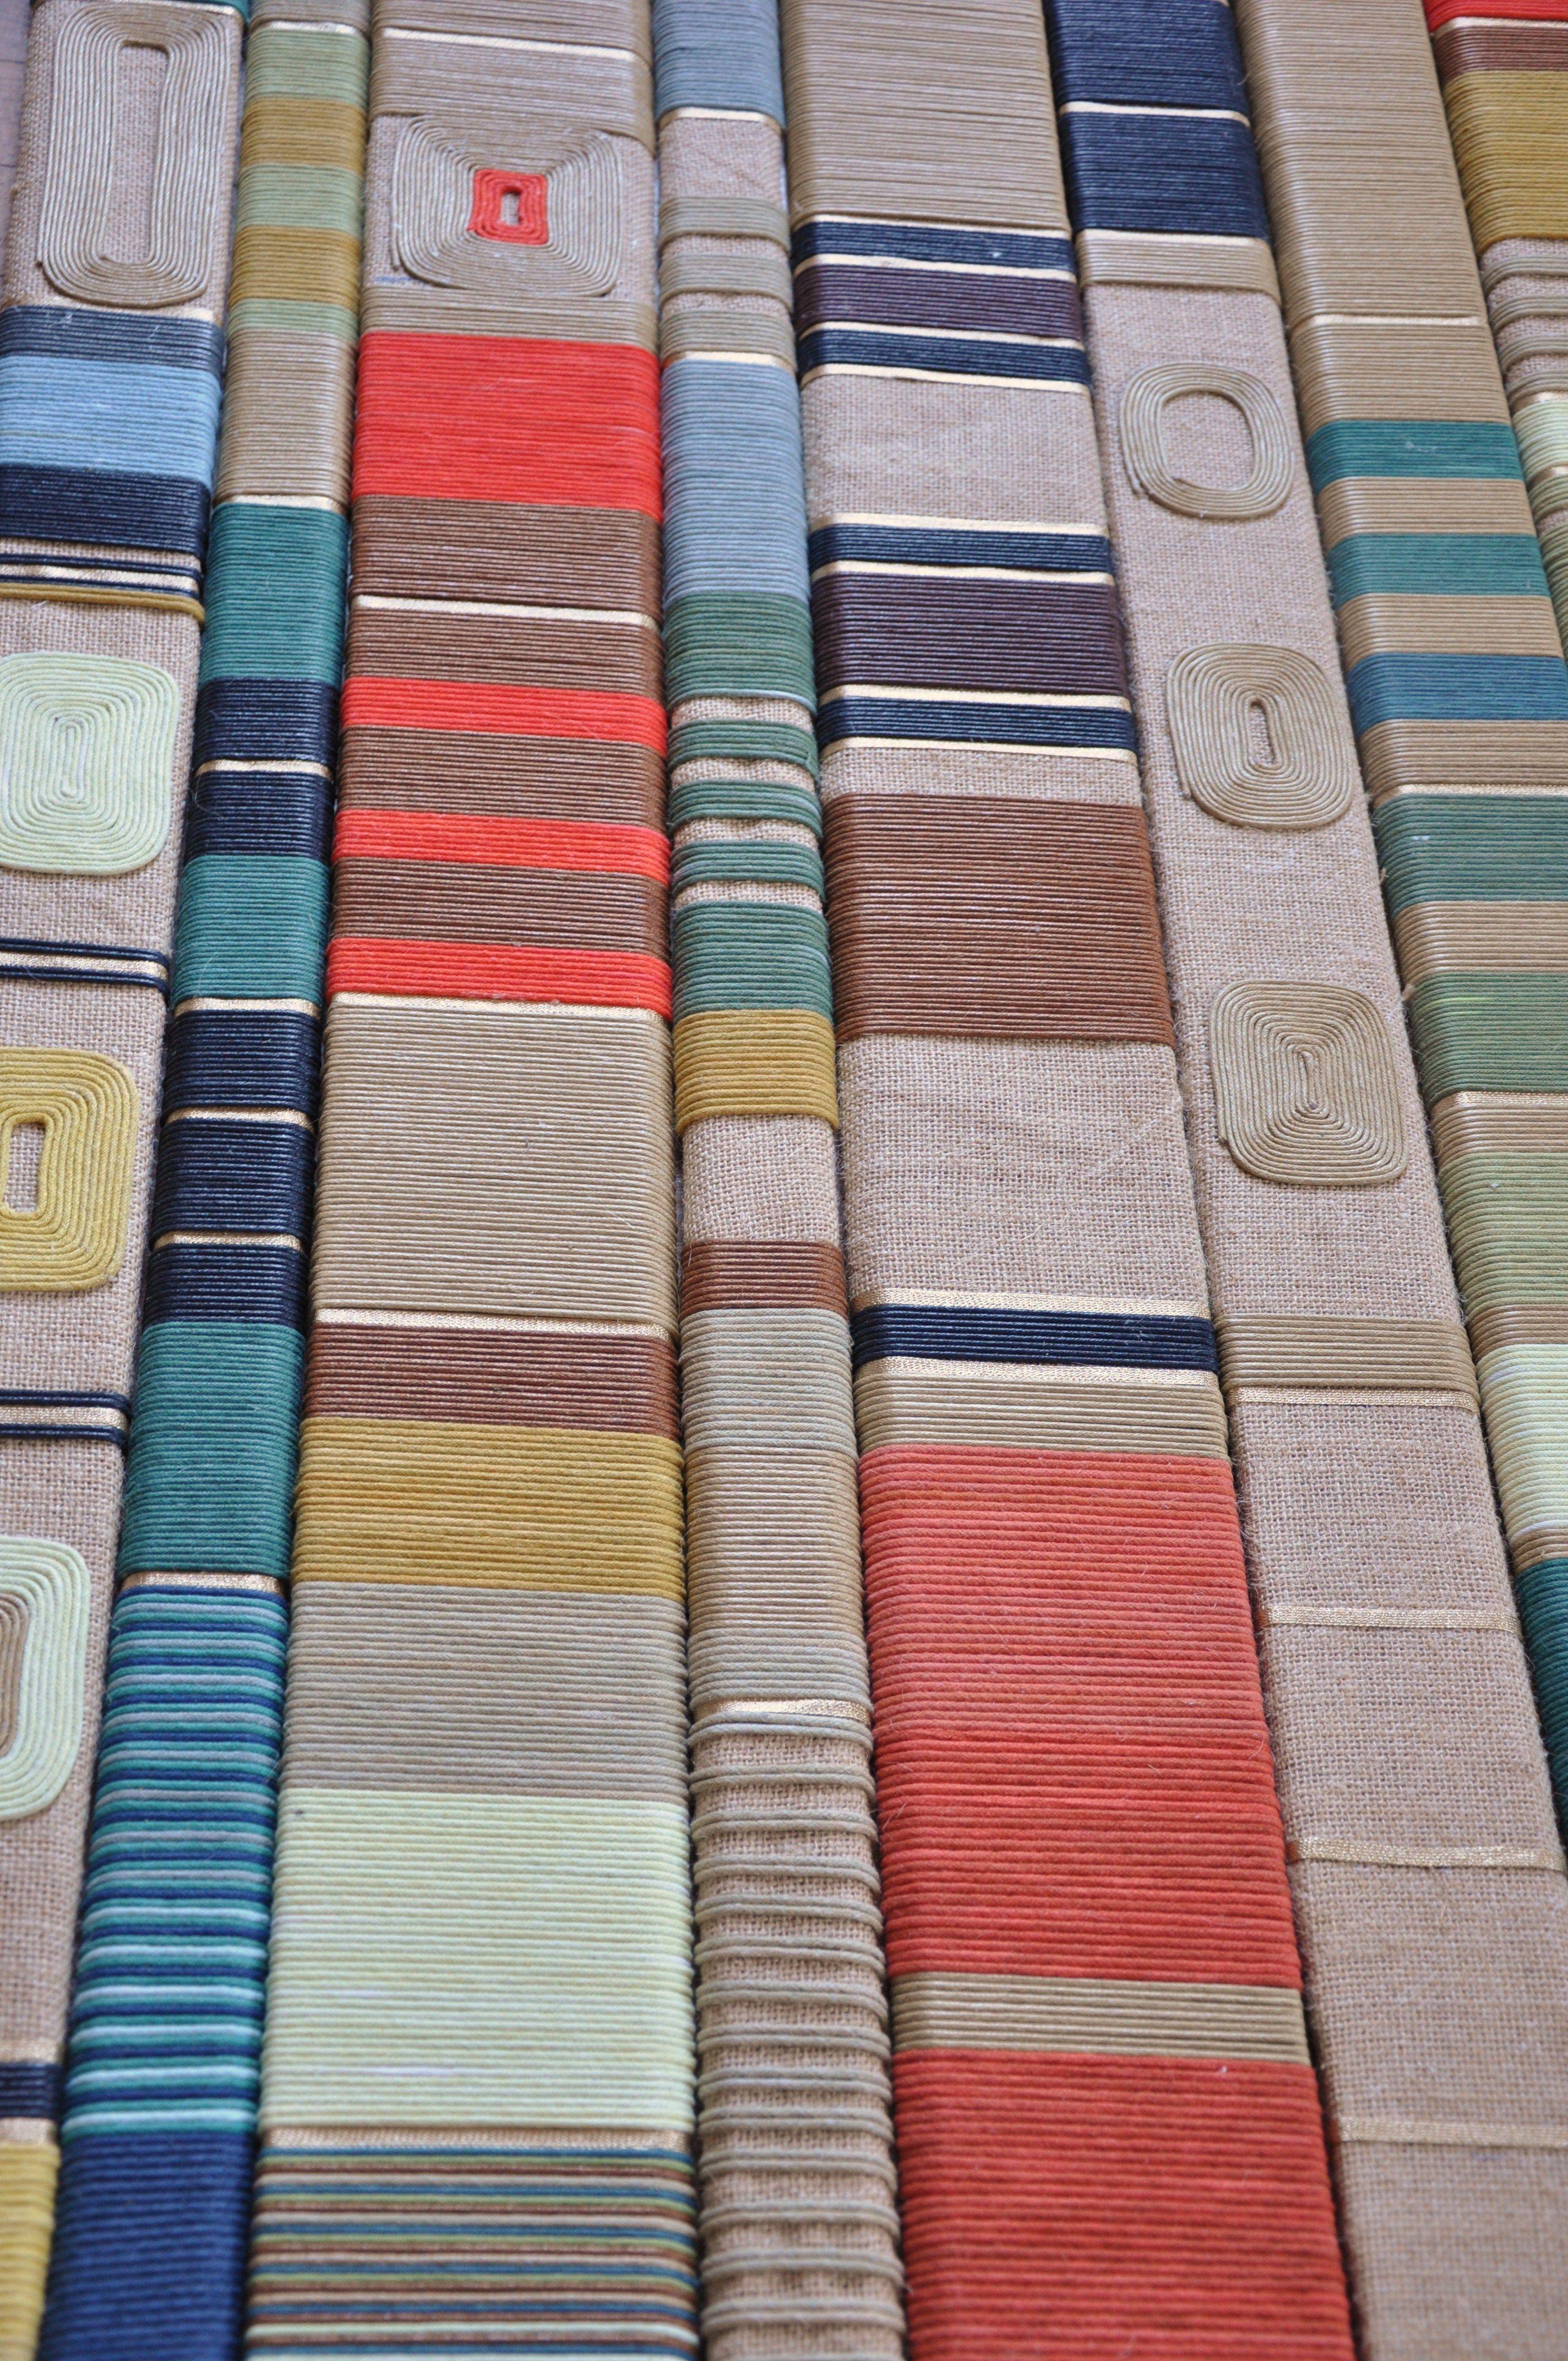 composition mikado th me yackting par veronique de soultrait dr textile pinterest. Black Bedroom Furniture Sets. Home Design Ideas